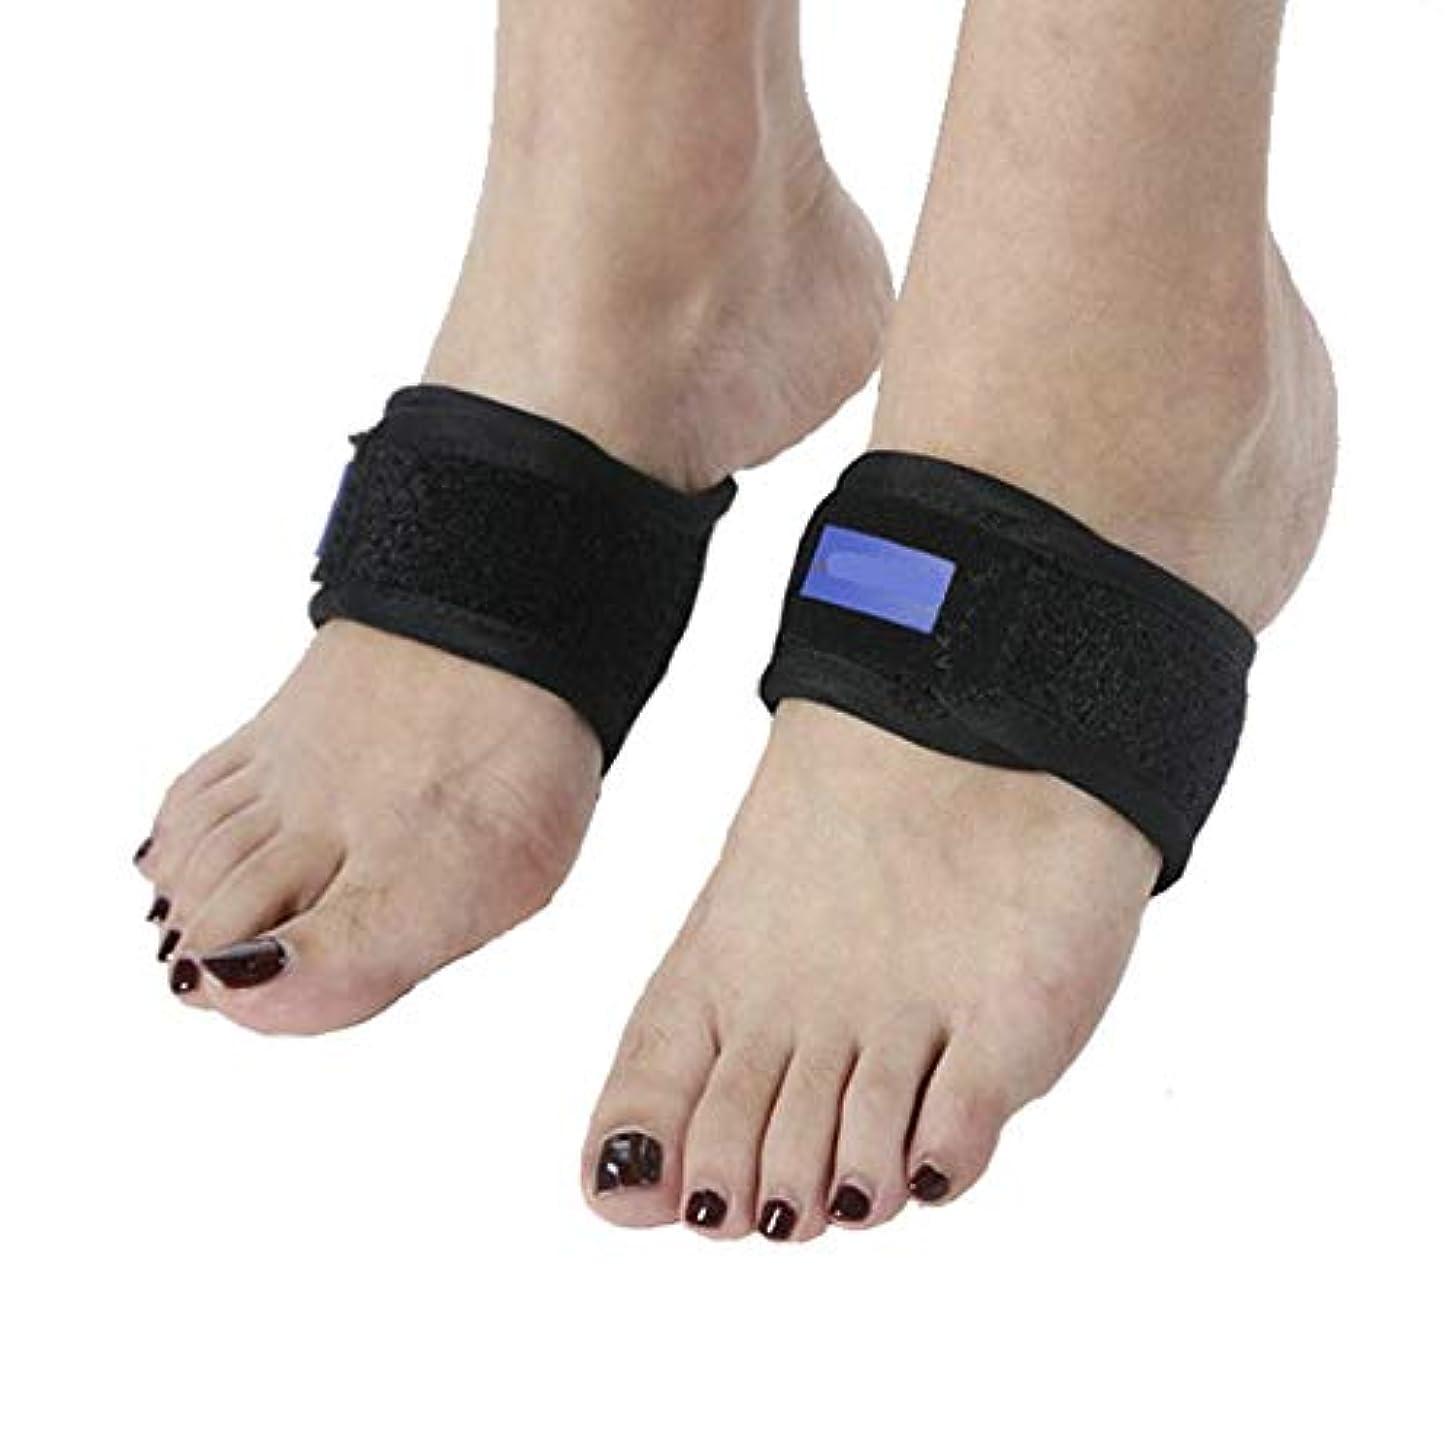 程度ランクアーティスト足首固定フットレスト、調節可能な足底筋膜炎ナイトスプリント足垂れ下がった器具、平らな足、高いまたは倒れたアーチ、かかとの痛みを軽減